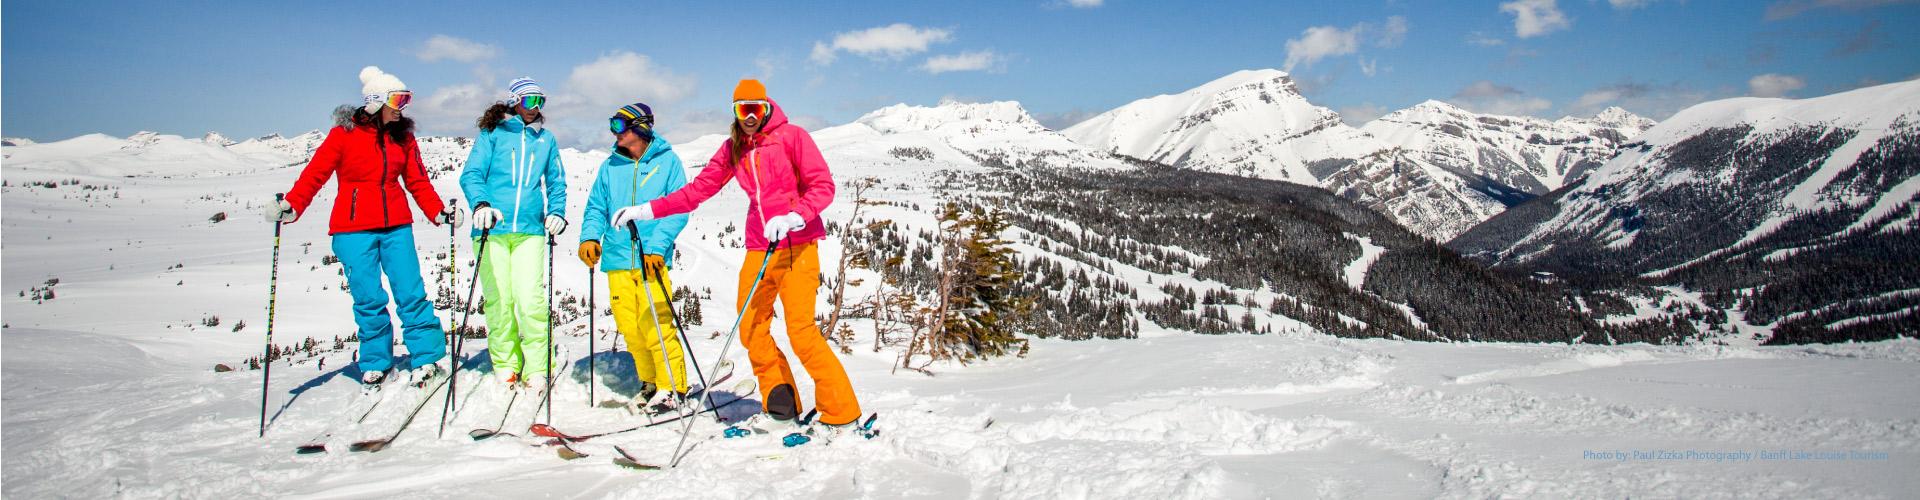 Banff Winter Specials